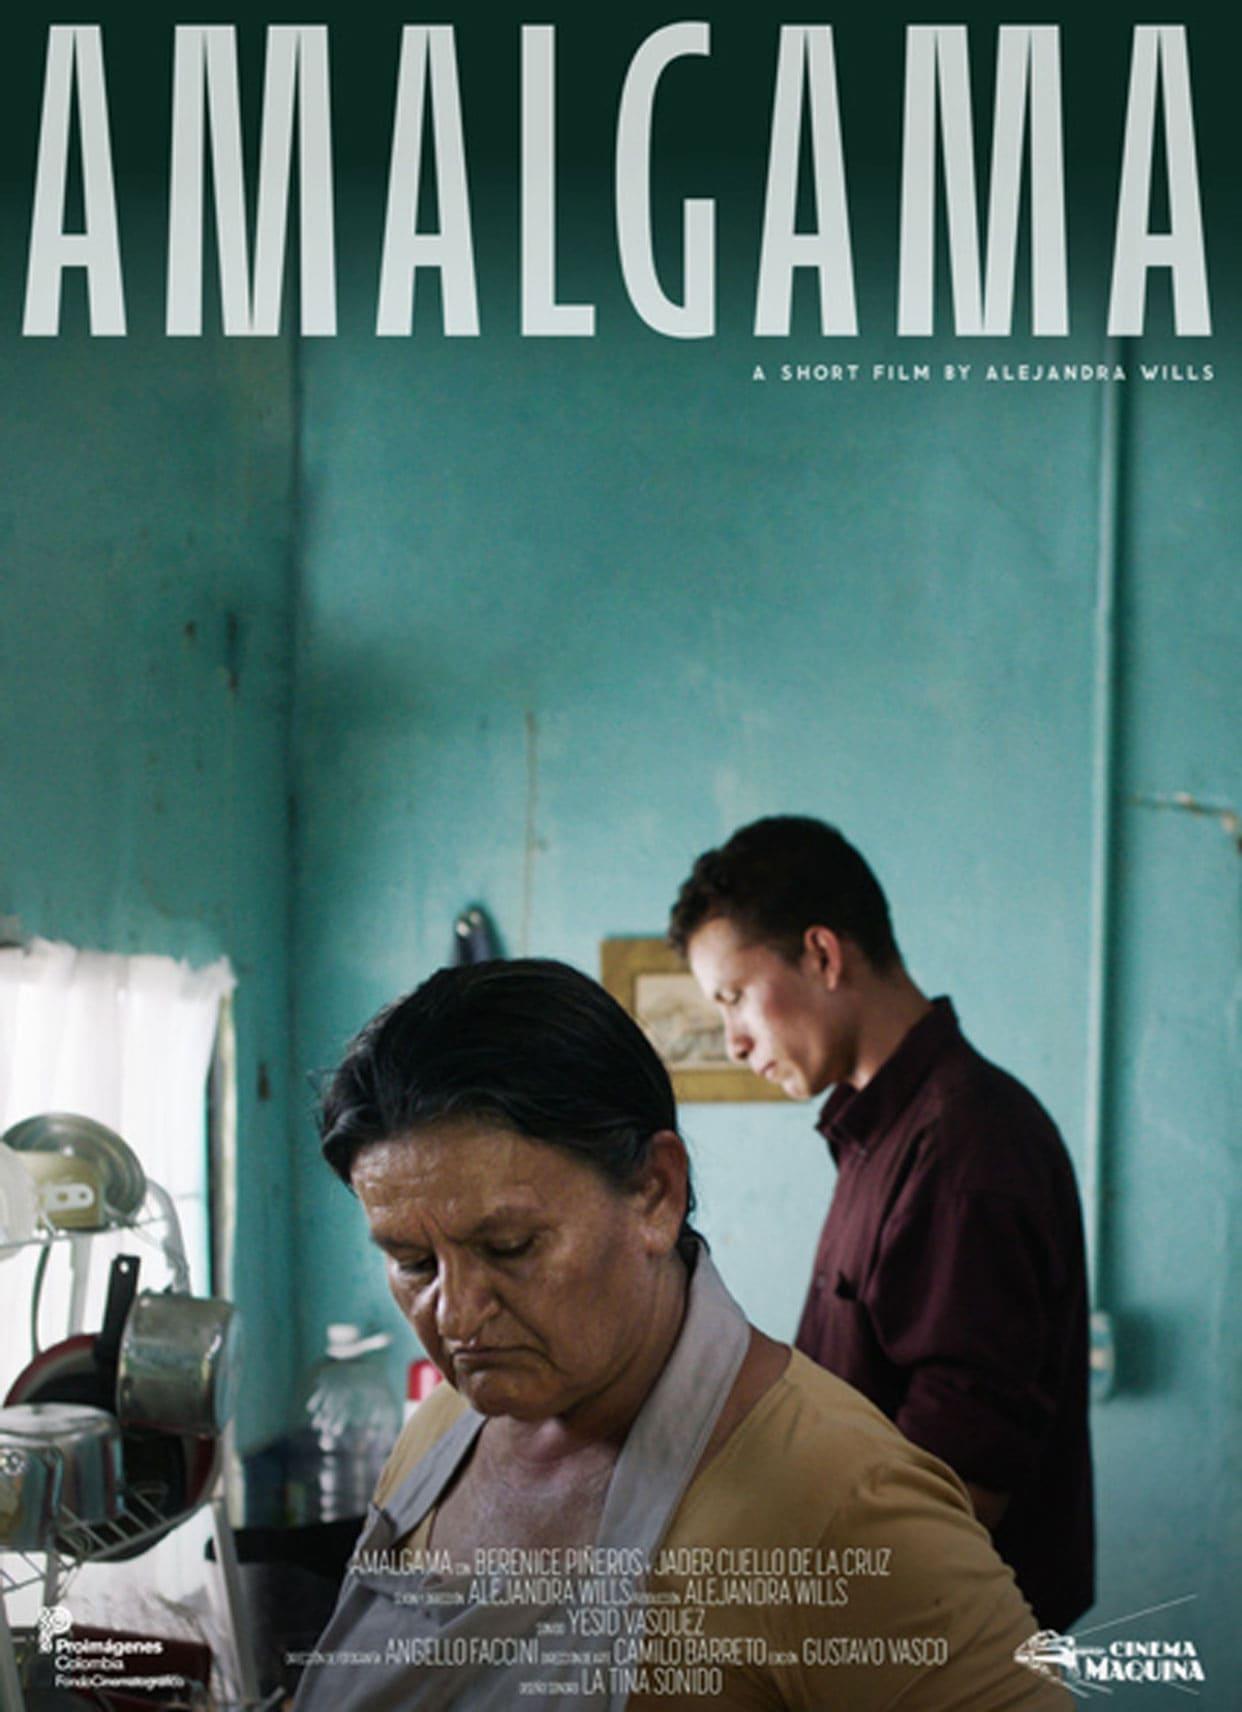 AMALGAMA-Alejandra-Wills